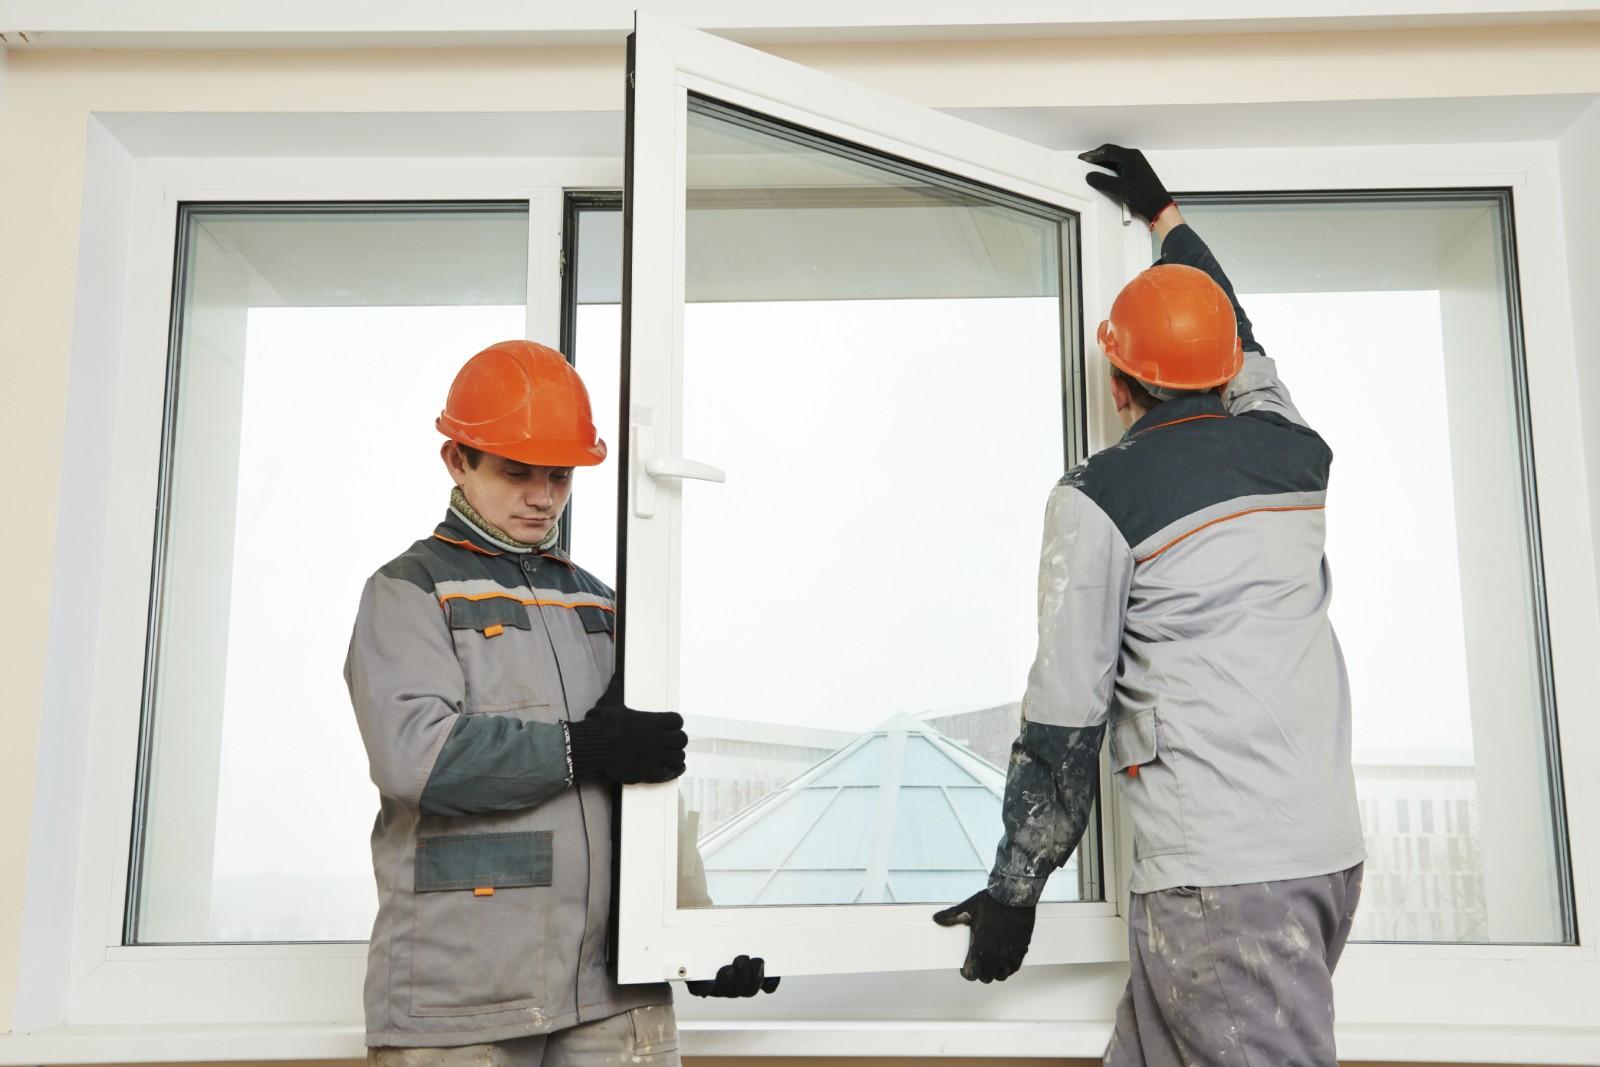 Куда обратиться за установкой пластикового окна в Волгограде? Фирмы пластиковых окон в Волгограде